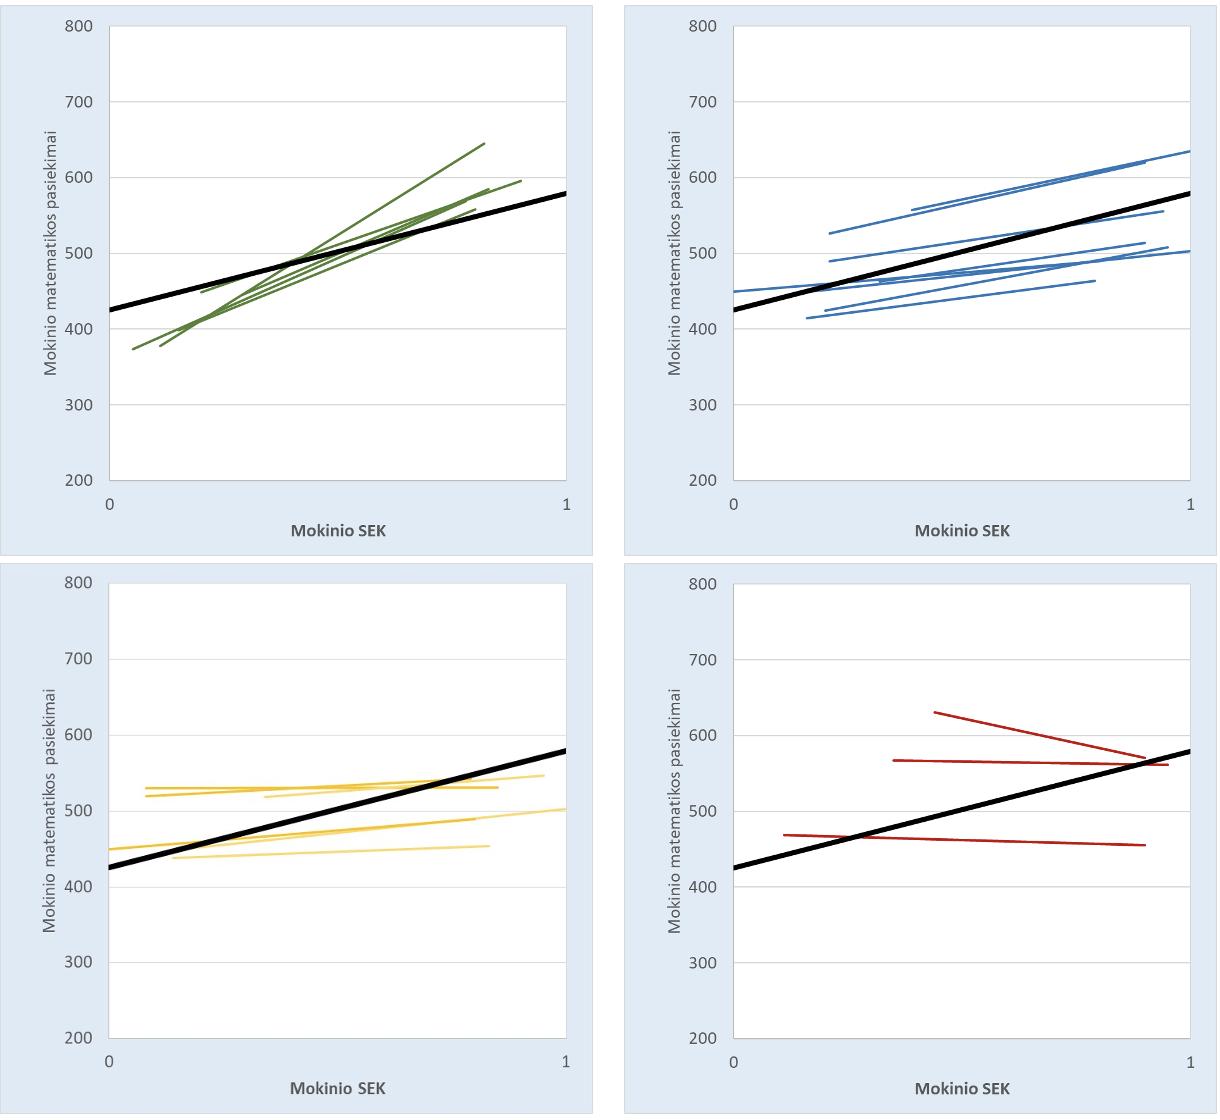 3 grafikas. Mokinių matematikos pasiekimų ir SEK aplinkos ryšys skirtingose mokyklose. 2014 m. Nacionaliniai mokinių pasiekimų tyrimai, 8 kl., Matematika, 20 didžiausių imties mokyklų duomenys. Mokinio SEK skalėje 0 žymi mažiausiai, o 1 – labiausiai palankią SEK aplinką. NO-GAP projekto tyrėjų atlikta analizė